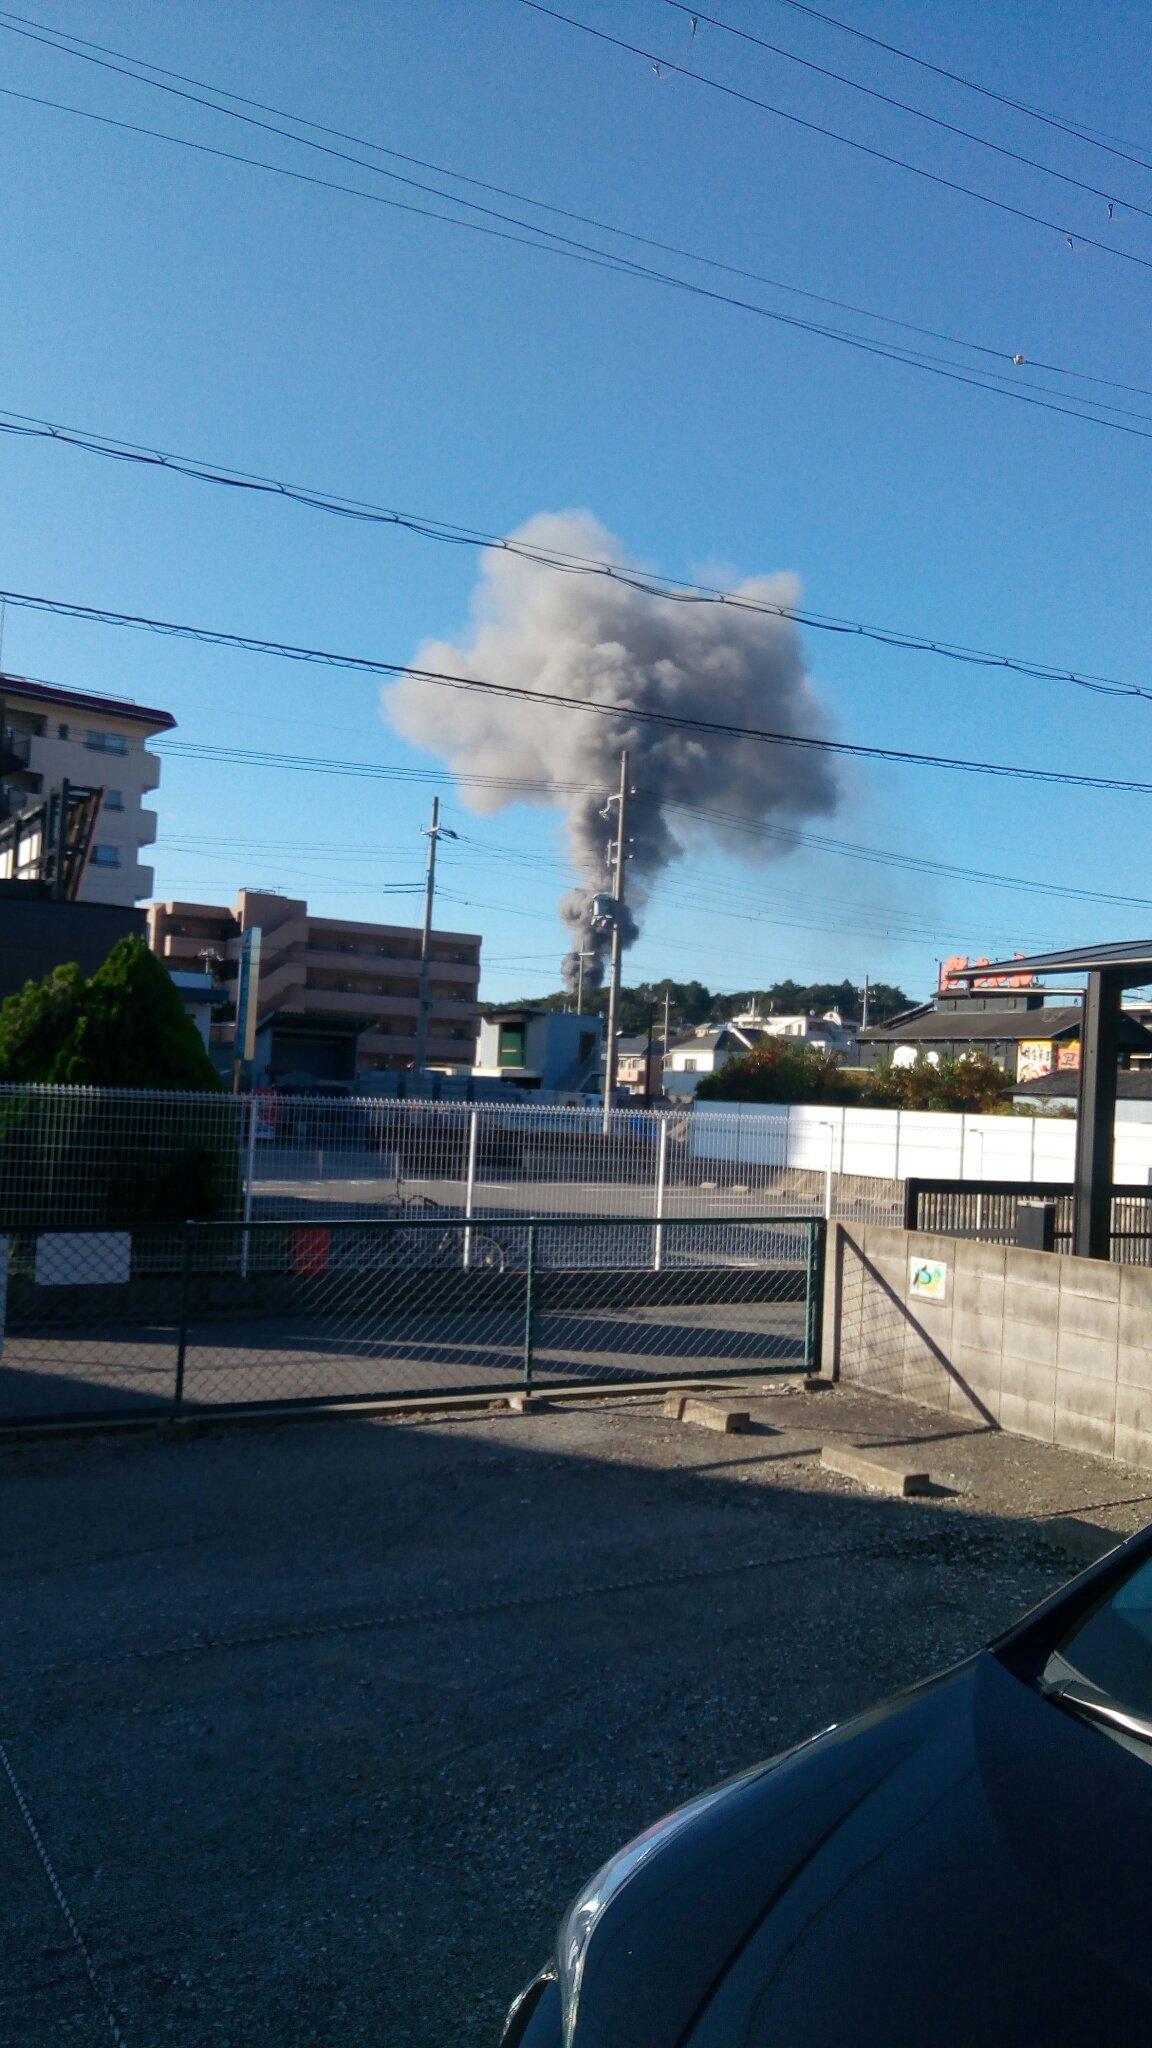 宝塚市塔の町で大規模な火事が起きている現場の画像